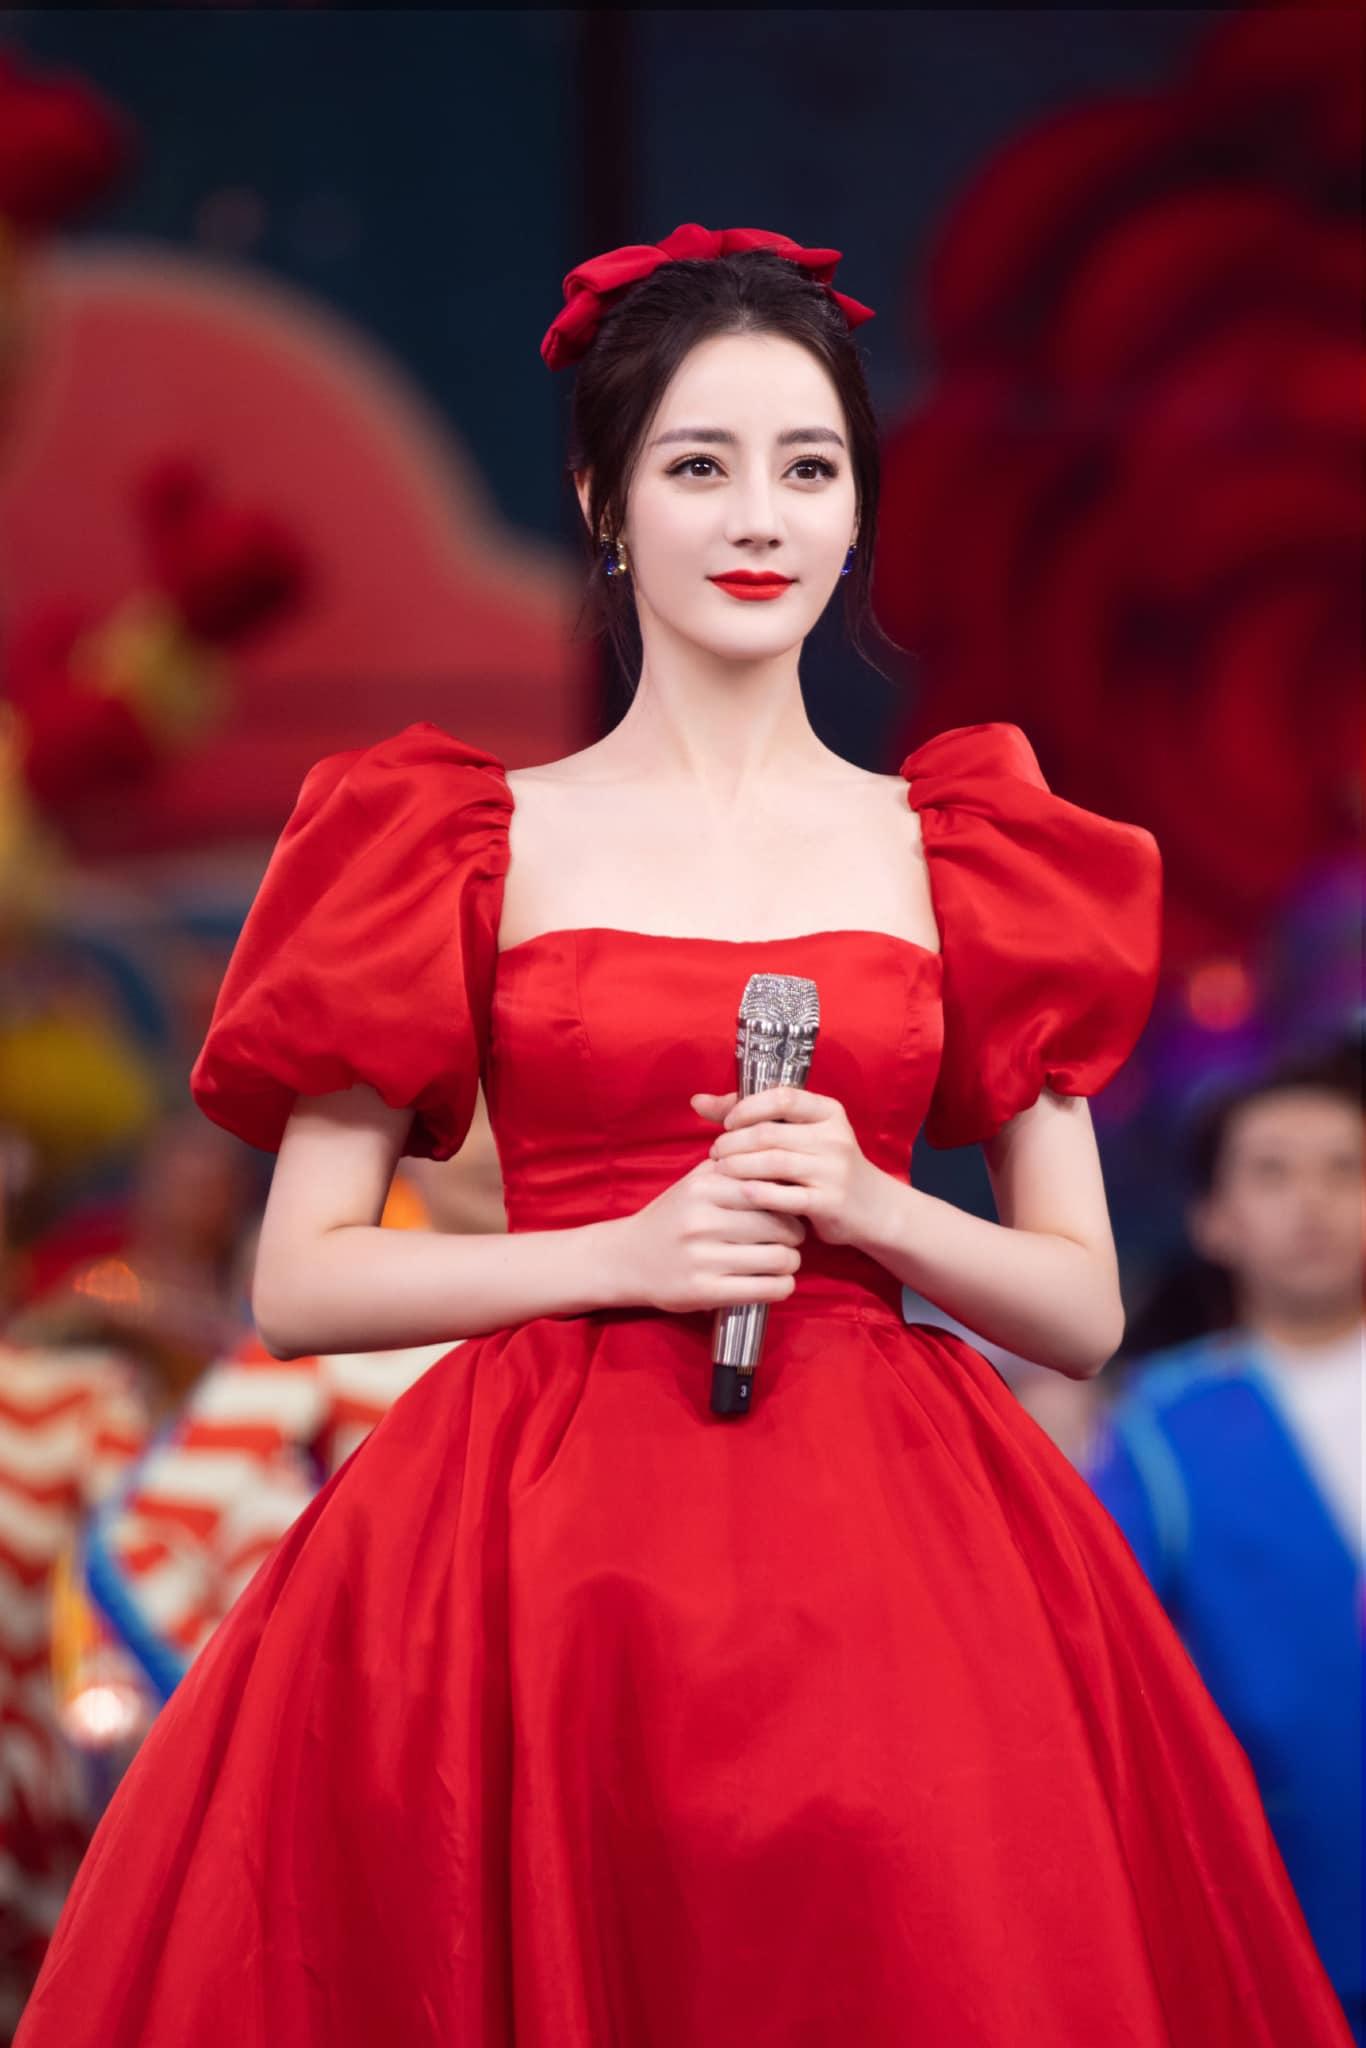 Chiếc váy cổ vuông tay bồng siết chặt vòng eo đi kèm nơ cài <a href='https://www.thegioitoc.top' target='_blank'>tóc</a> giúp Địch Lệ Nhiệt Ba tôn lên làn da trắng như tuyết, đôi môi đỏ son kiêu kỳ.